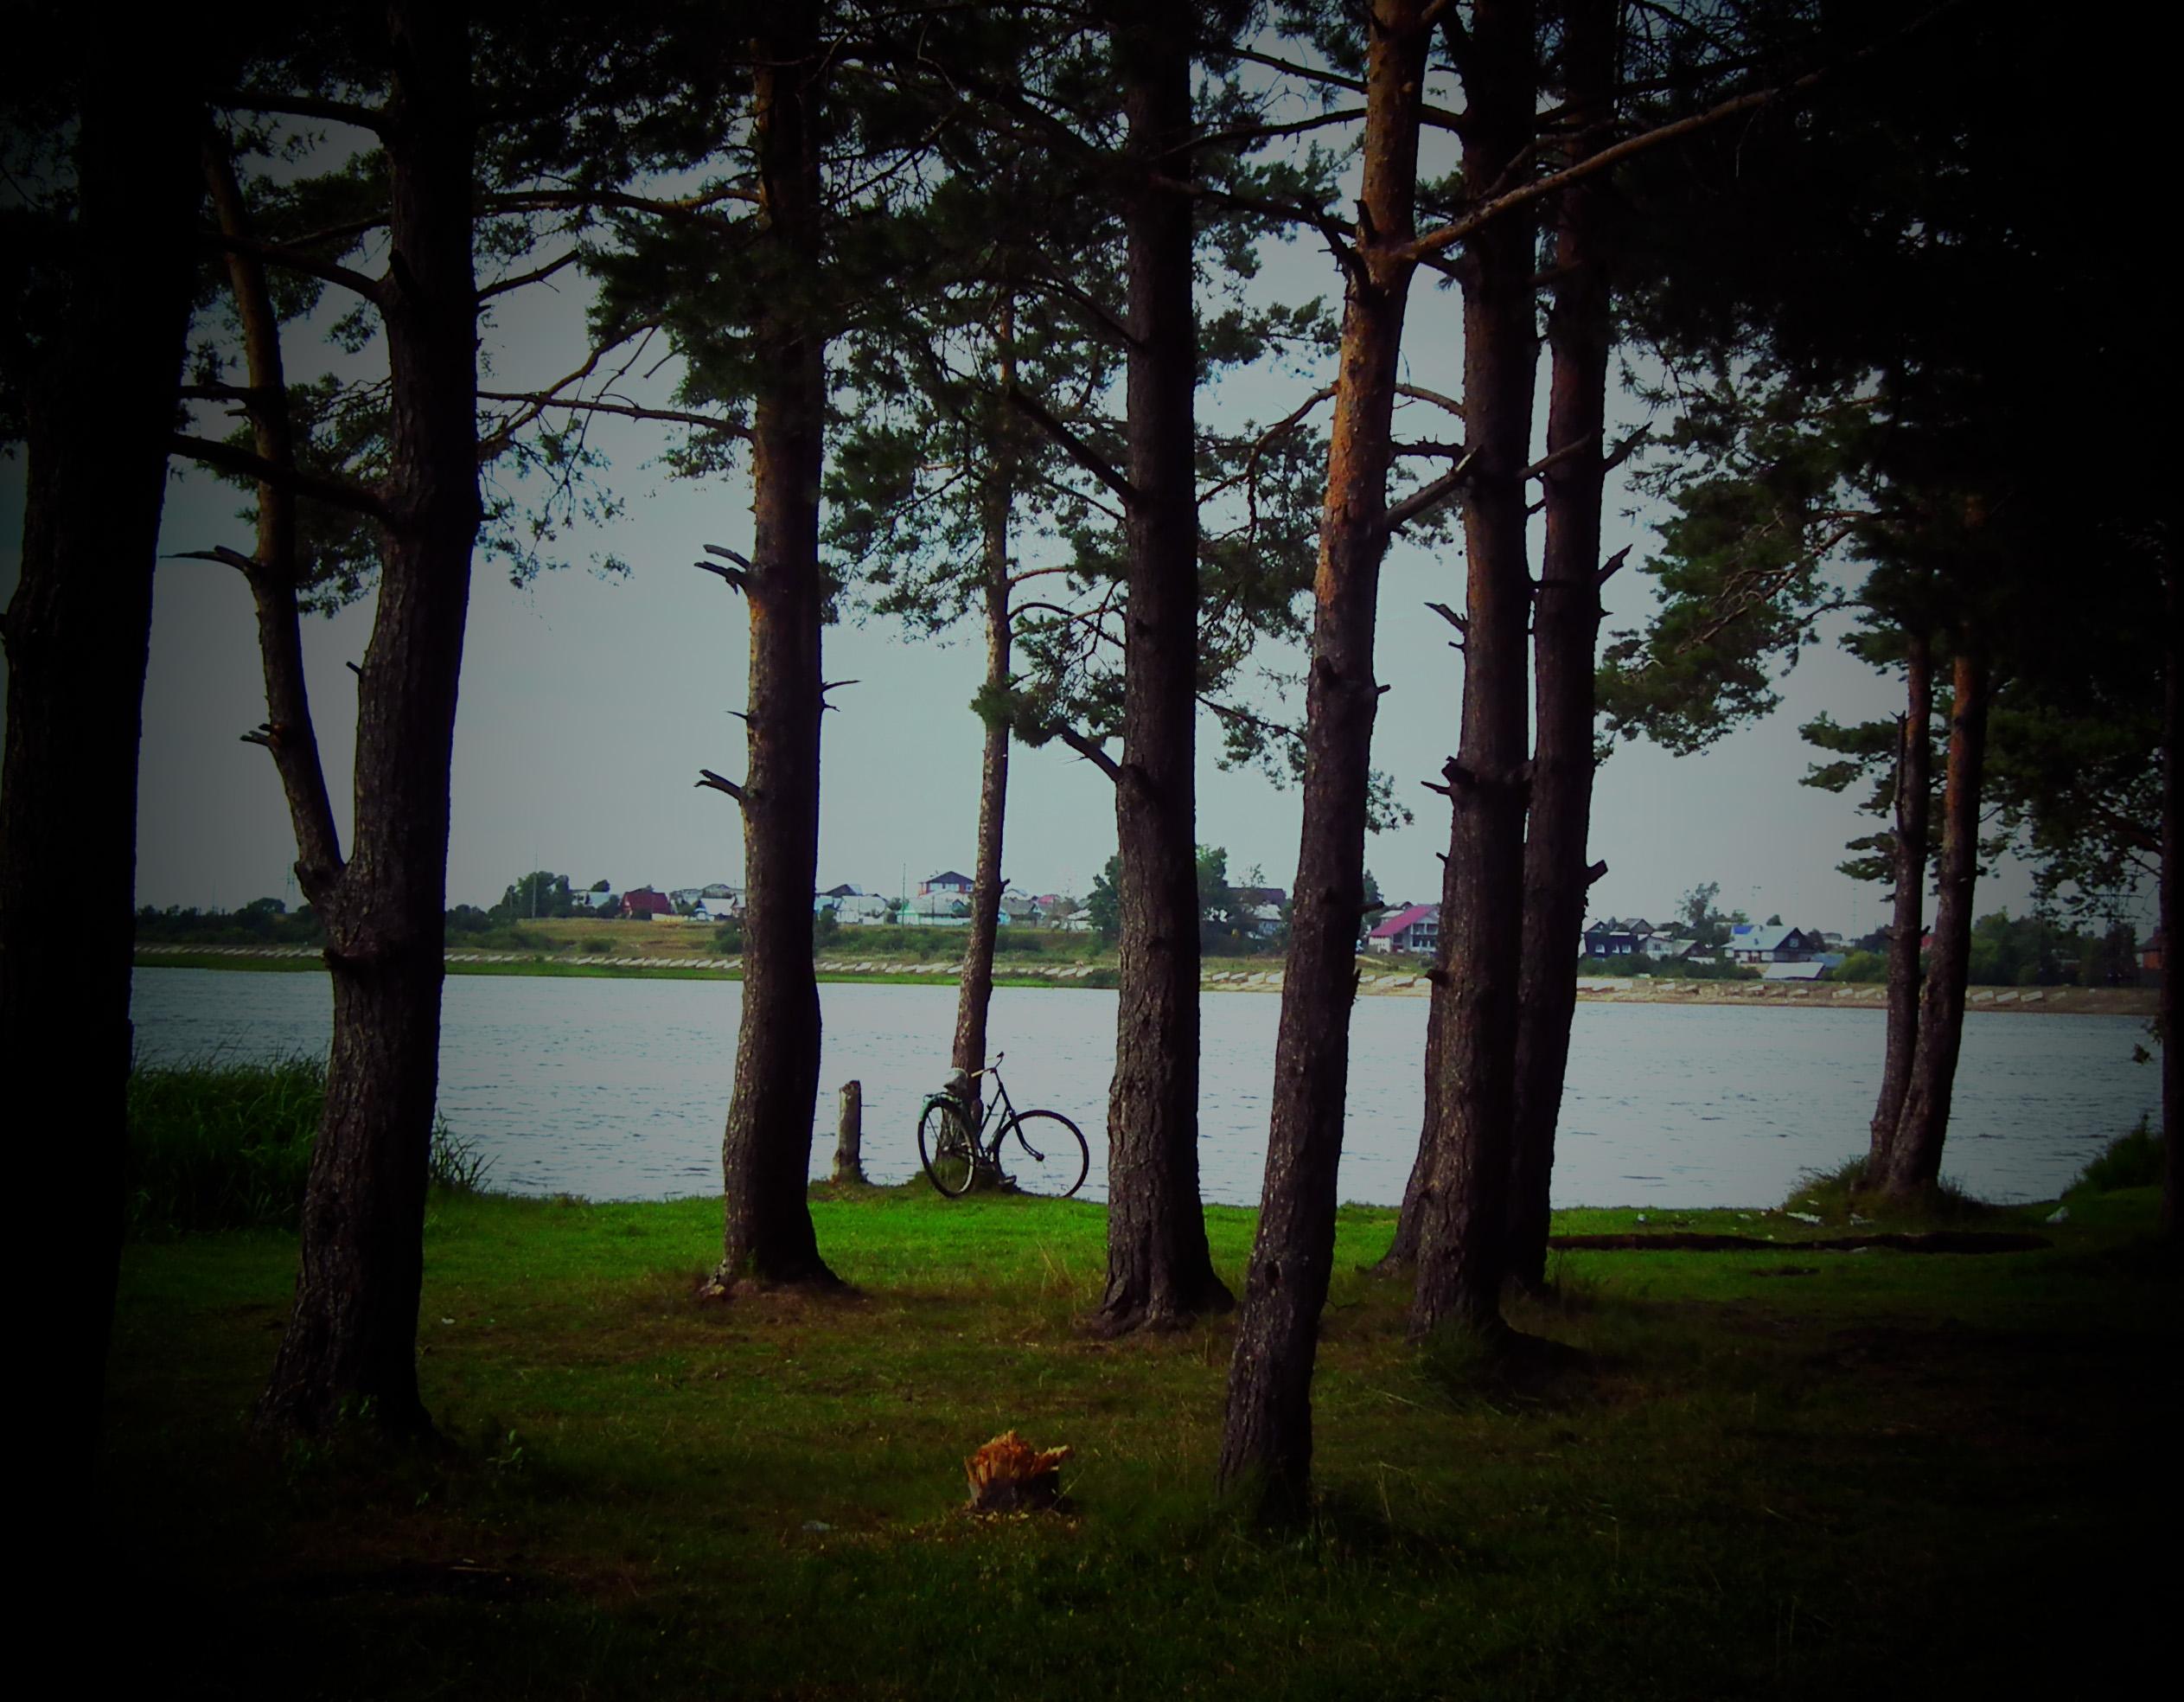 Bike on the summer beach photo